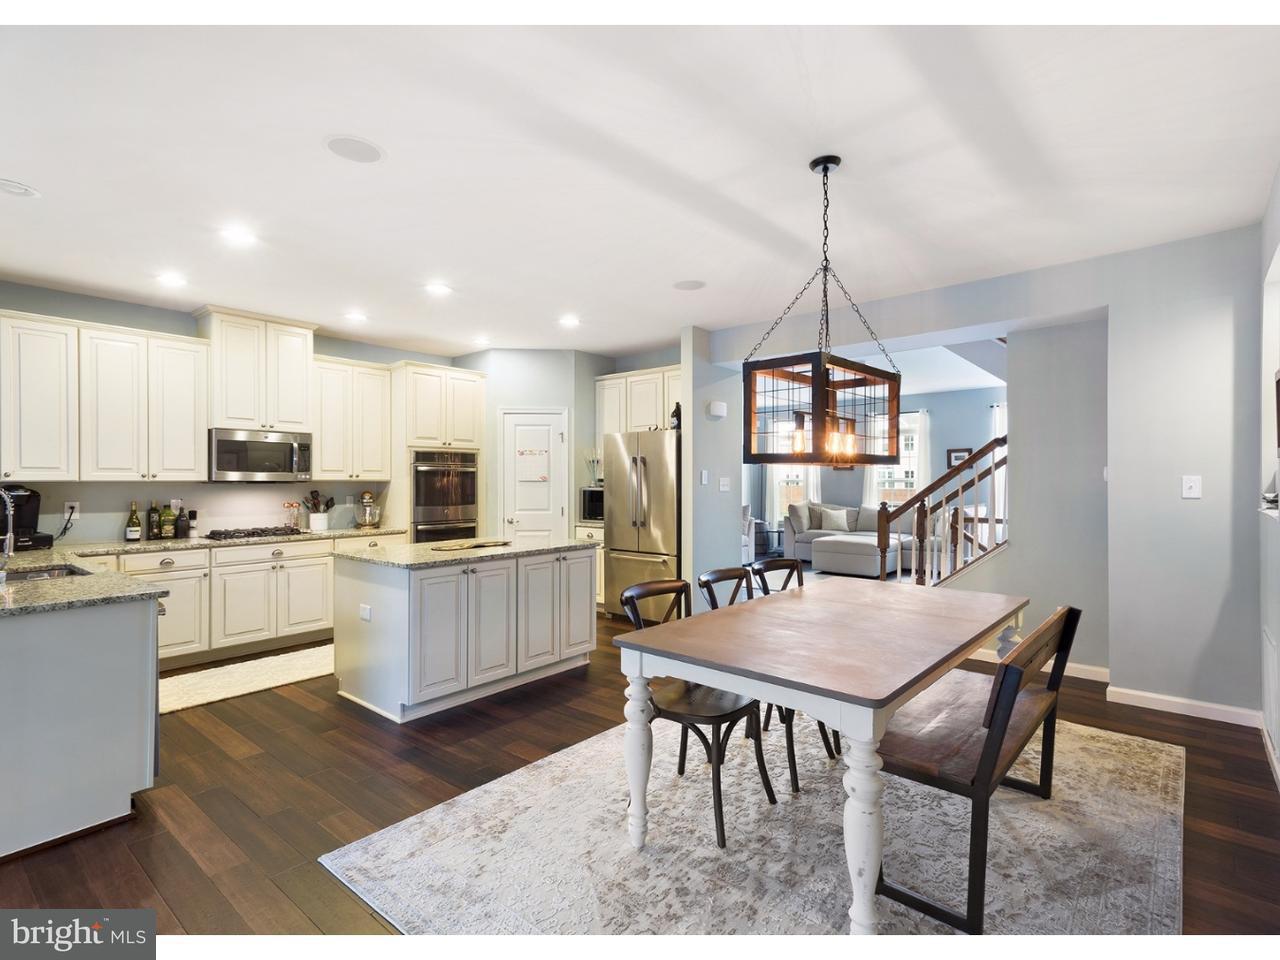 Casa unifamiliar adosada (Townhouse) por un Venta en 47 ISABELLE Court Evesham Twp, Nueva Jersey 08053 Estados Unidos